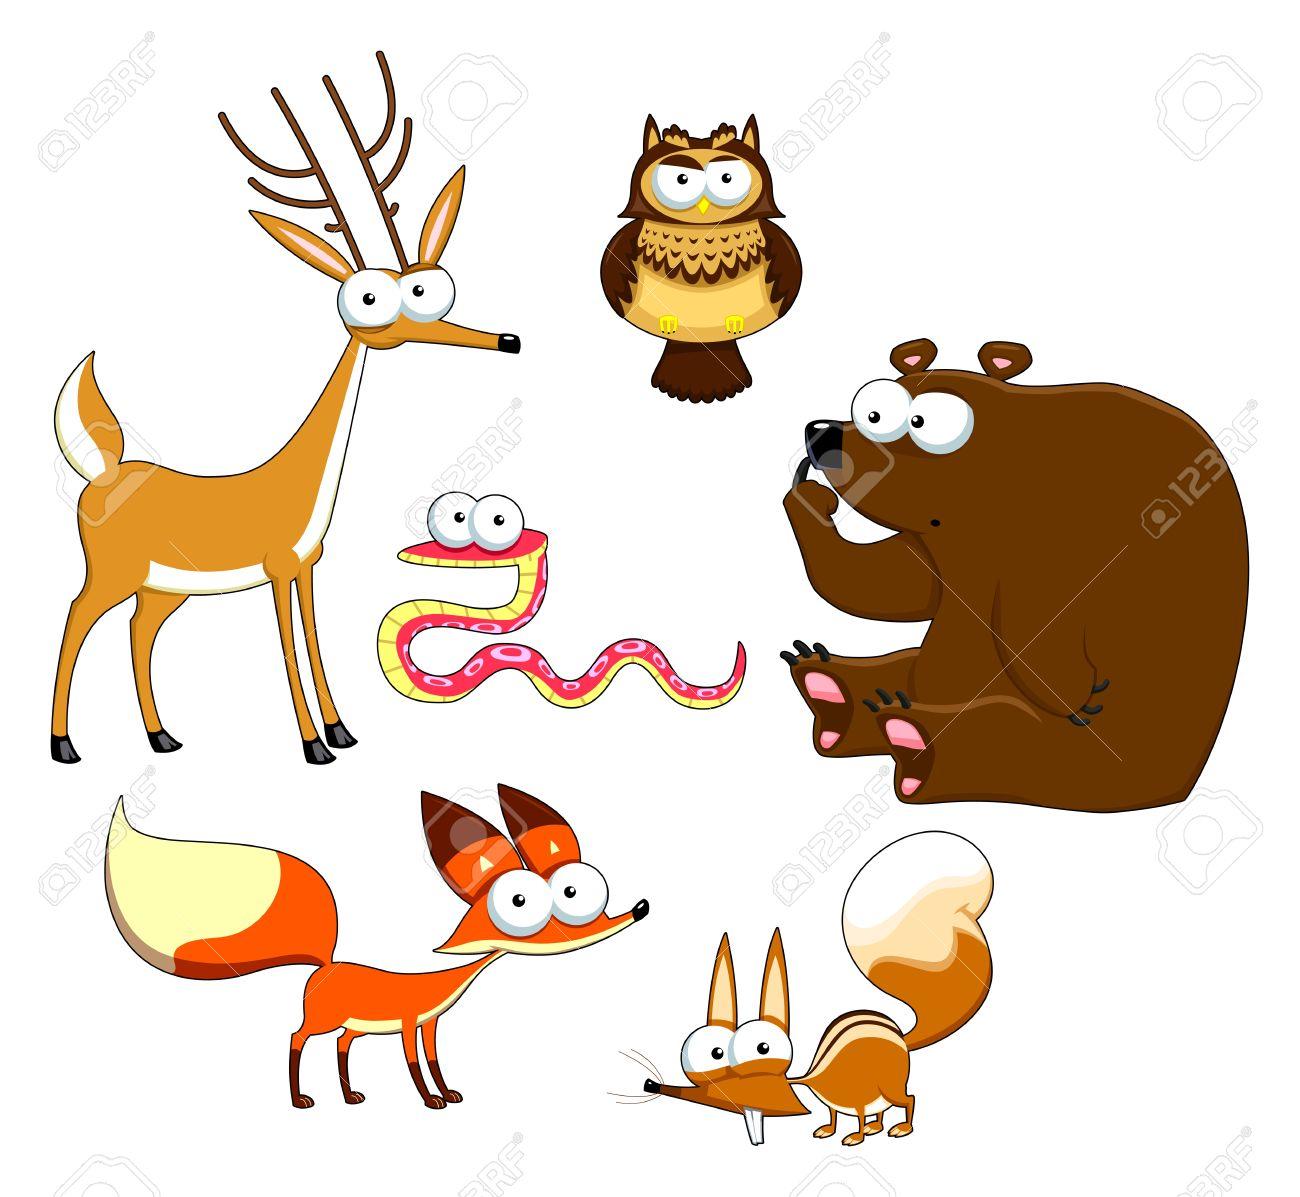 Животные рисунки смешные 4